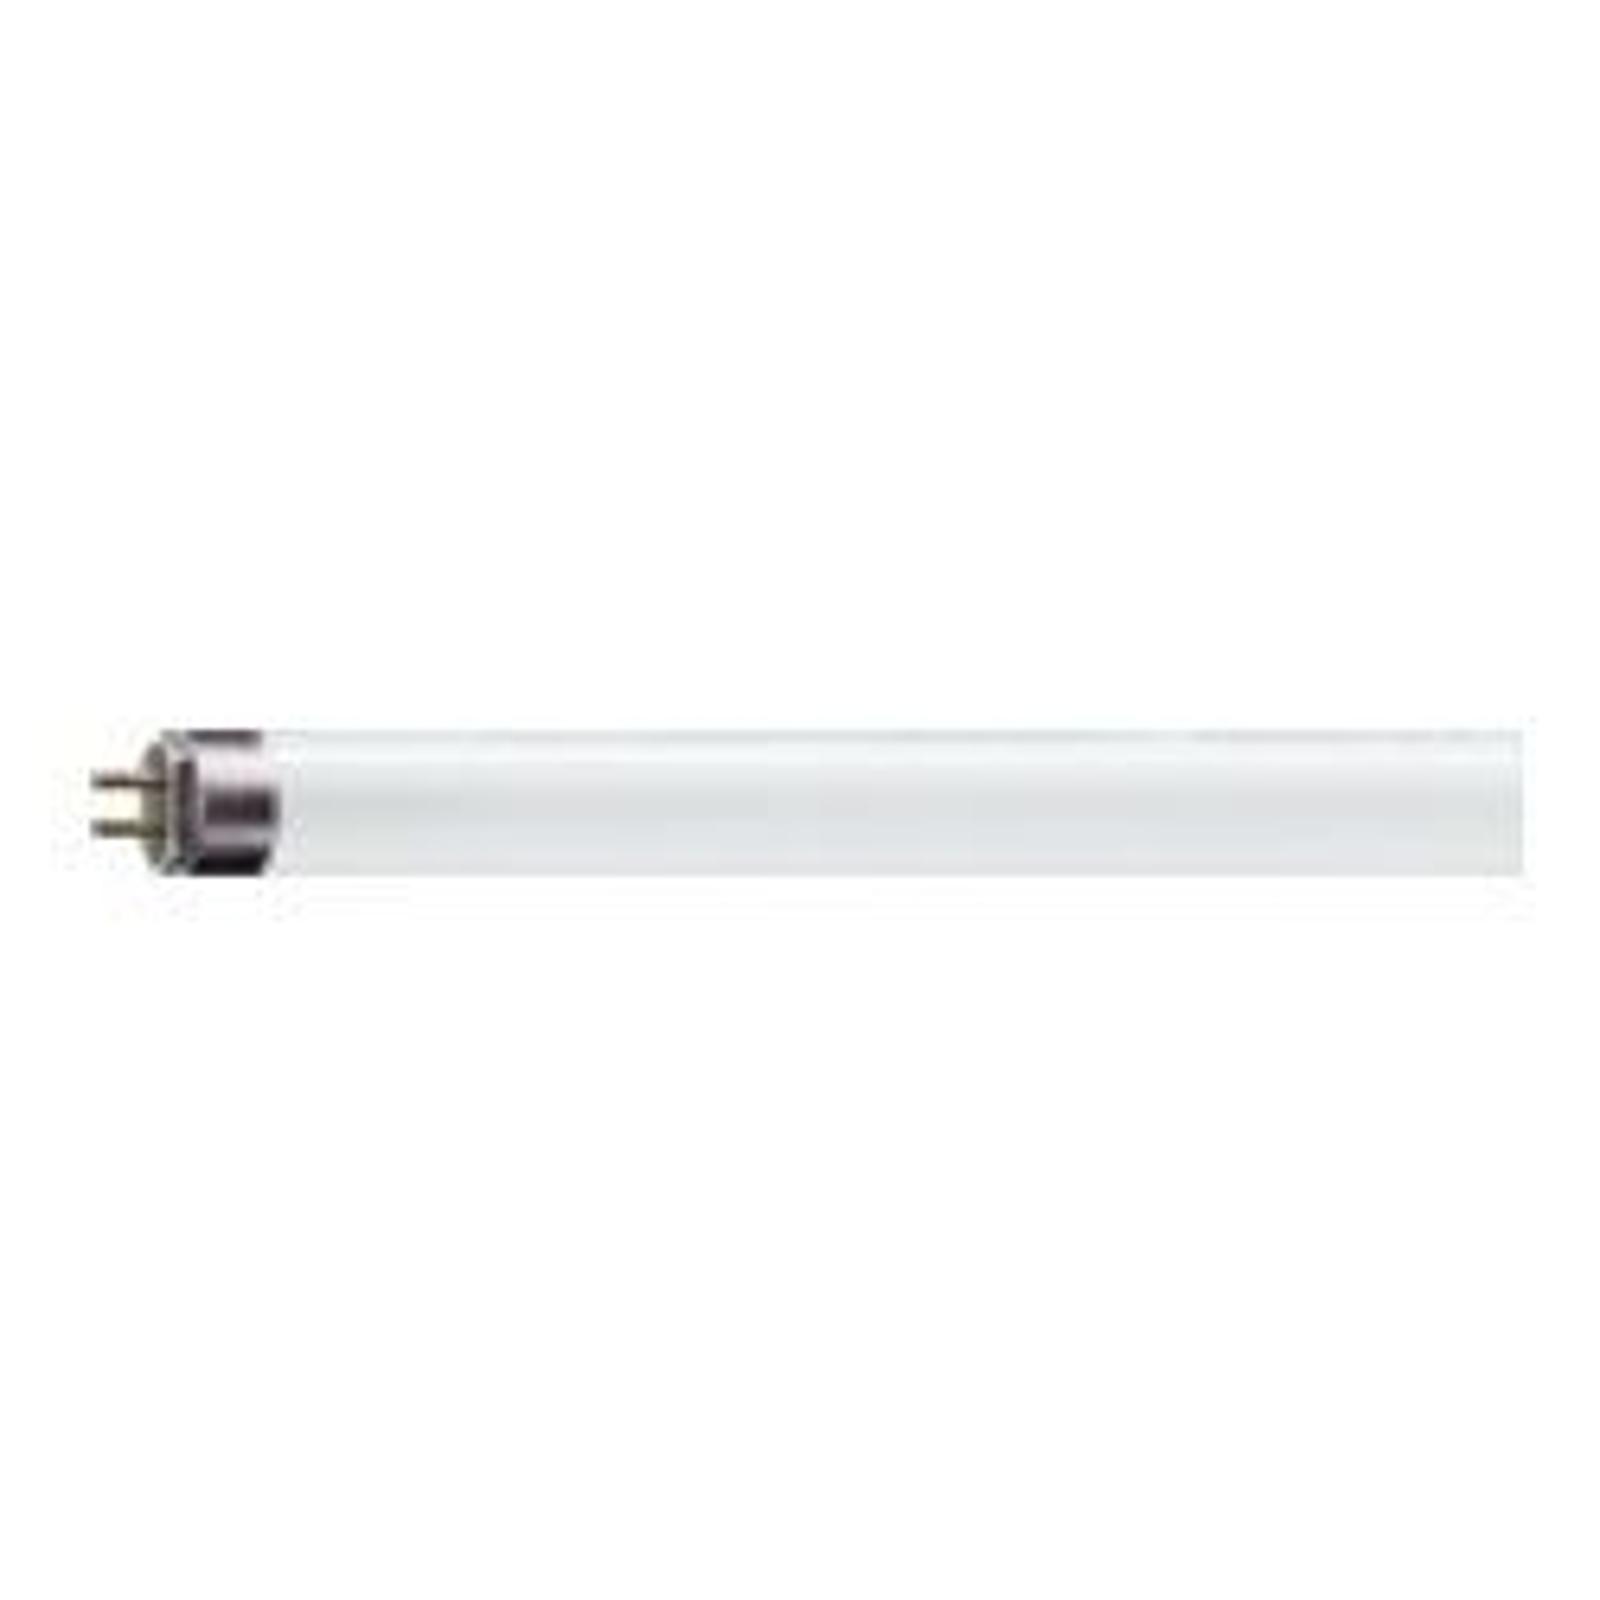 Leuchtstoffröhre G13 T8 18W MASTER TL-D Super 827